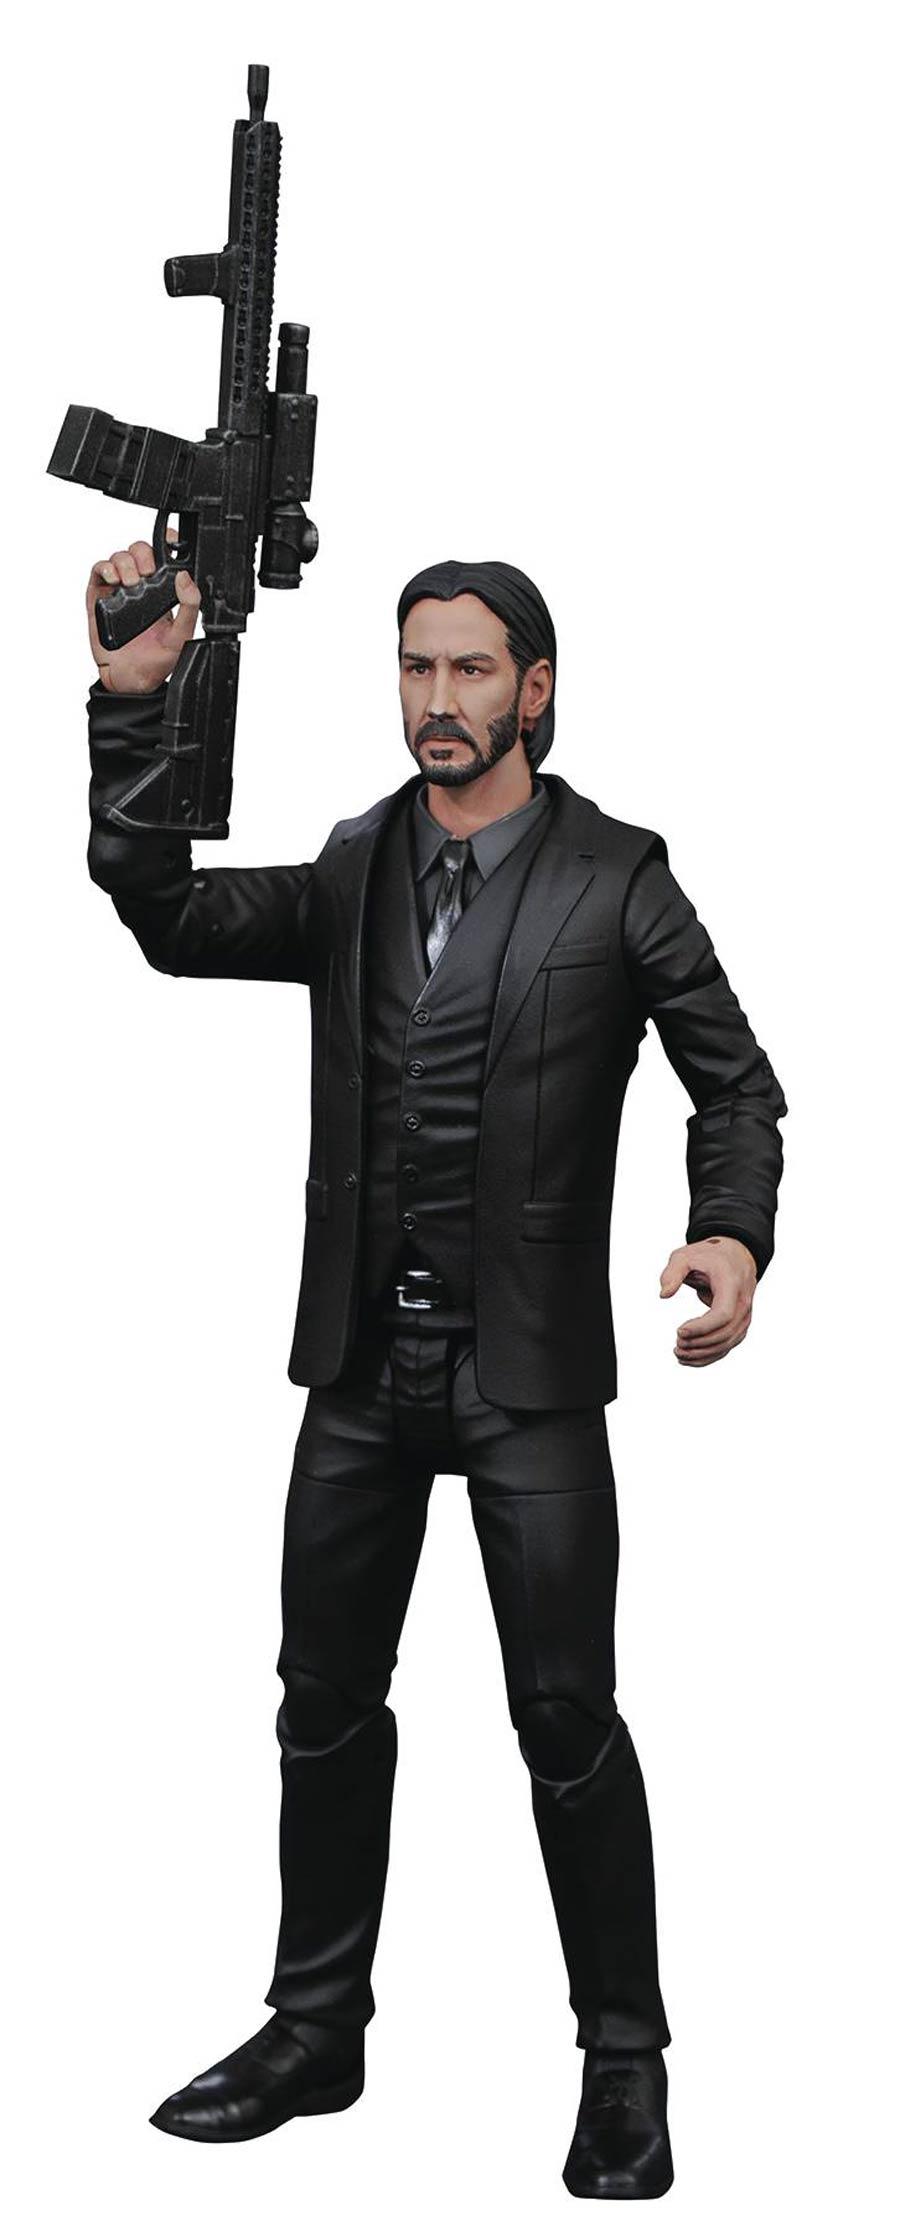 John Wick Select Black Suit Action Figure